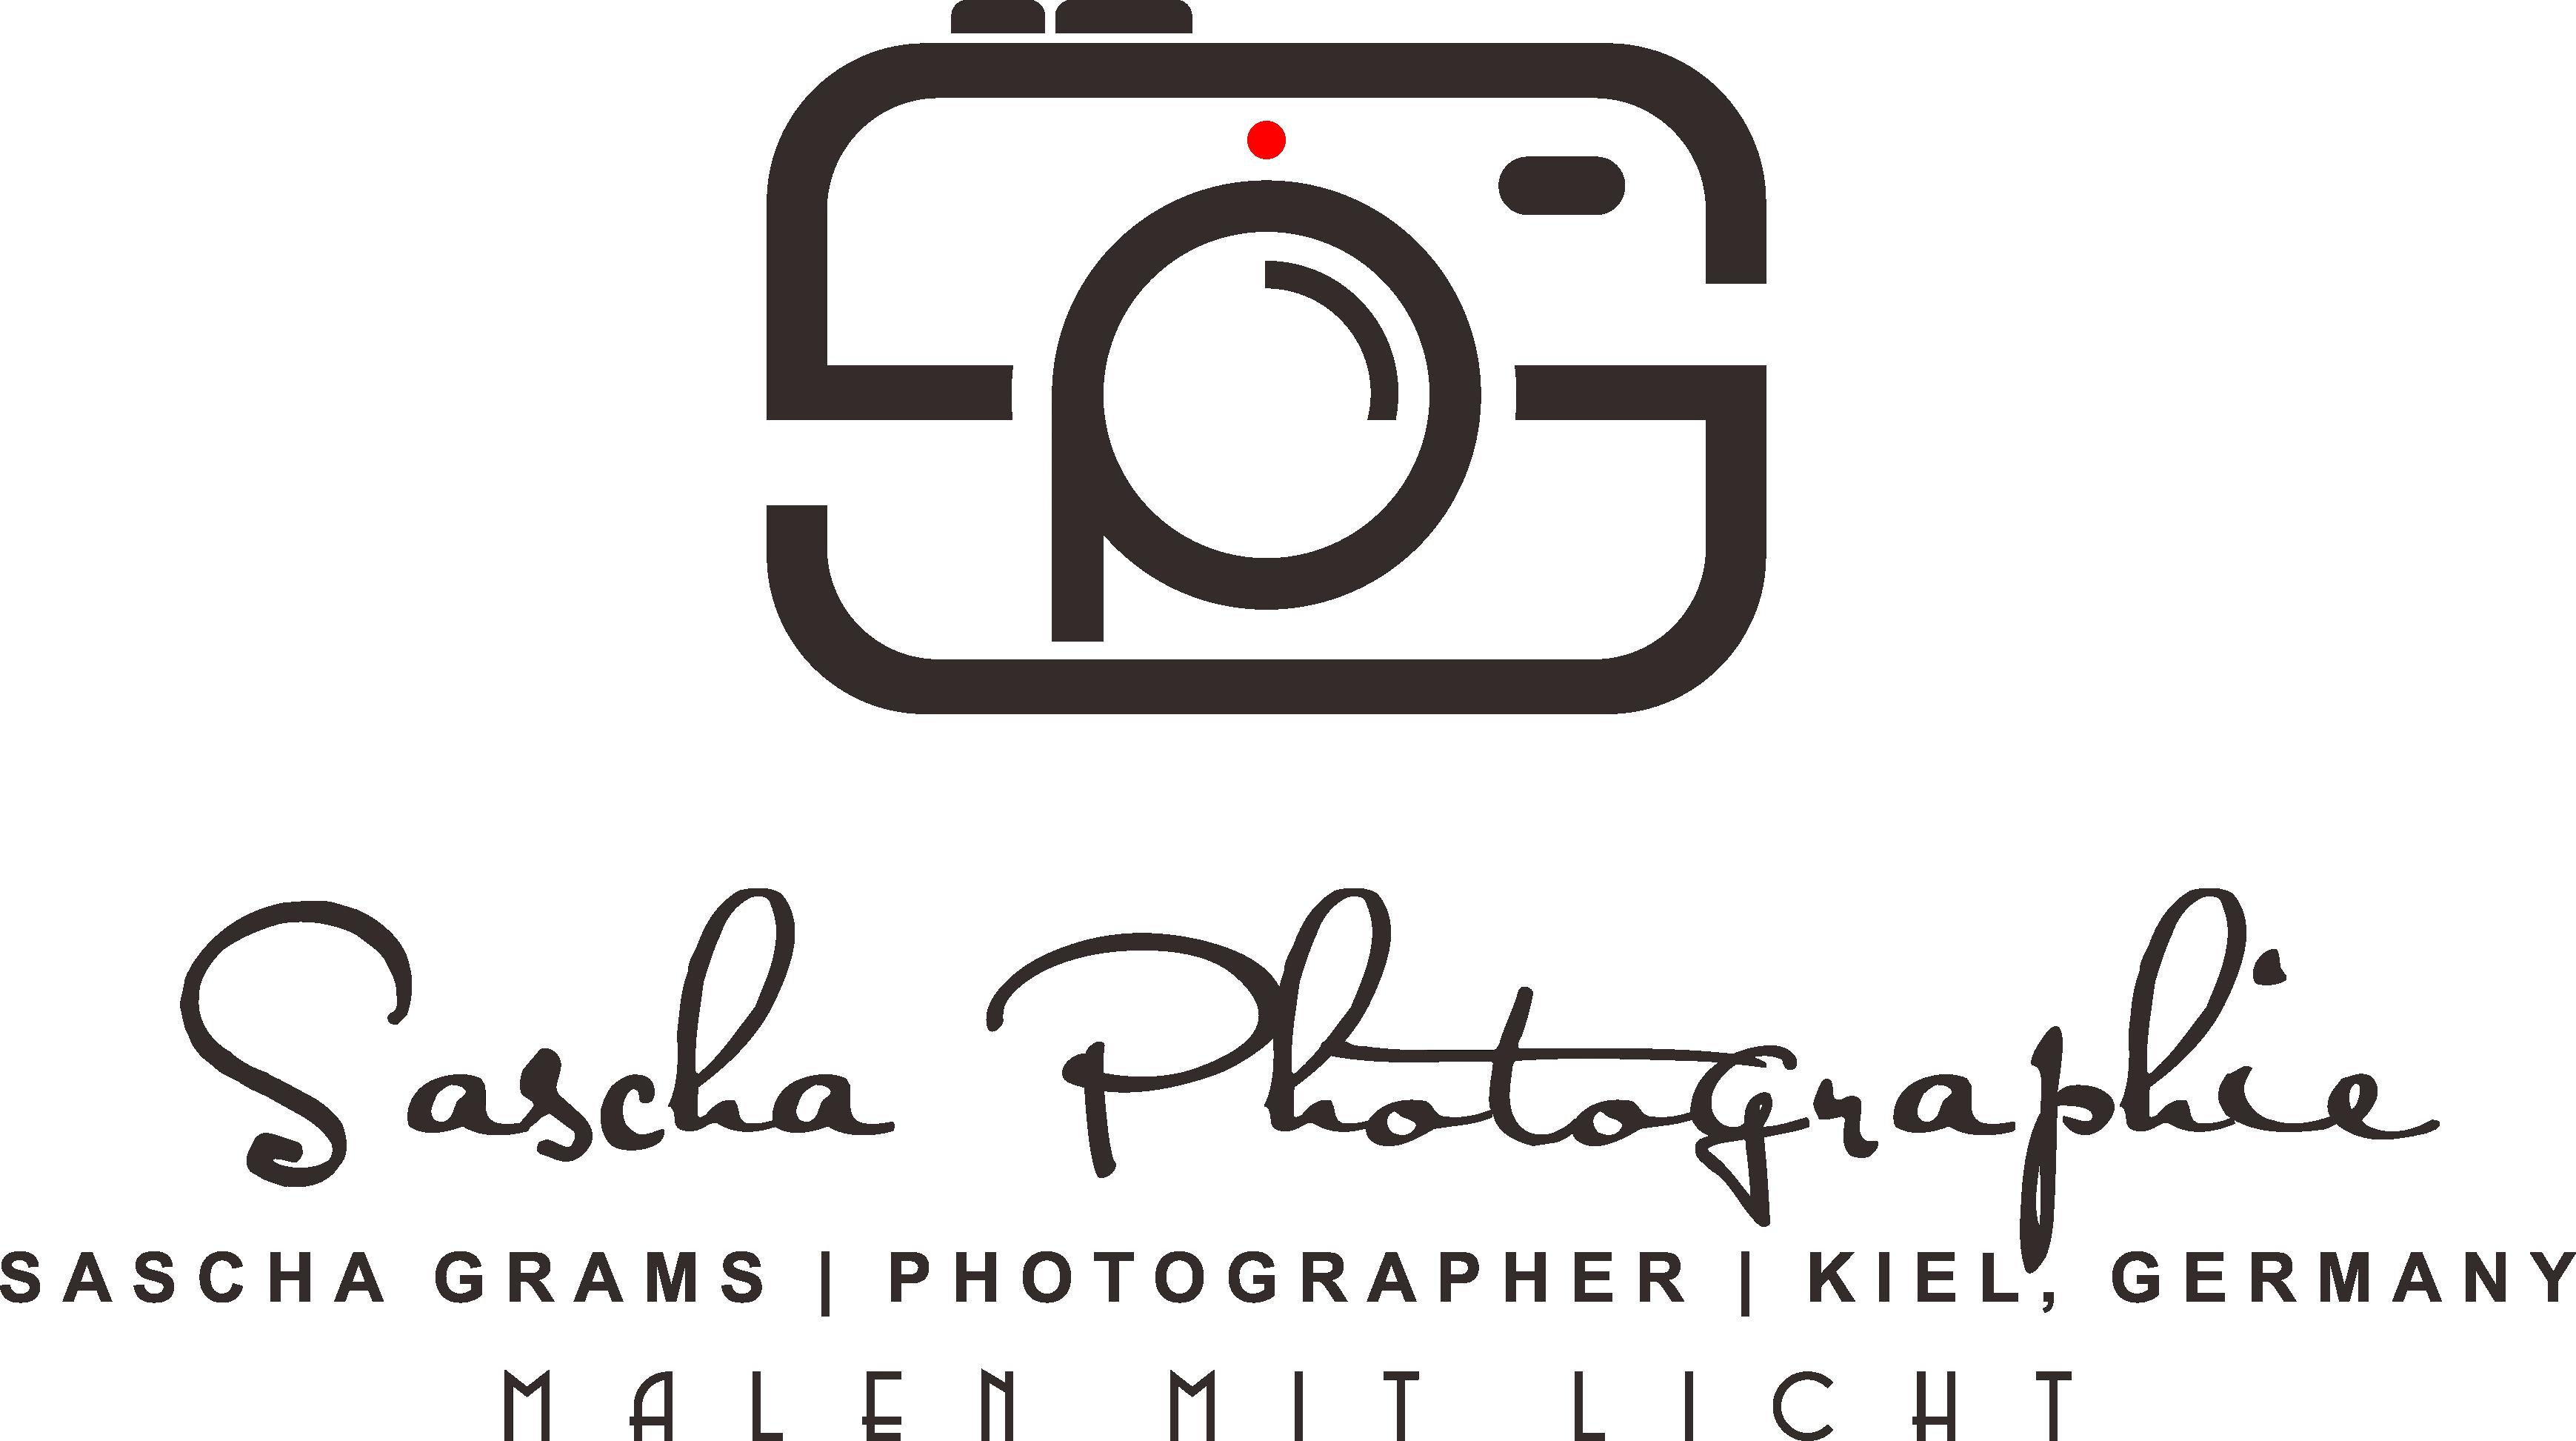 Erstelle ein urbanes, sehr cooles Logo für Sascha Photographie